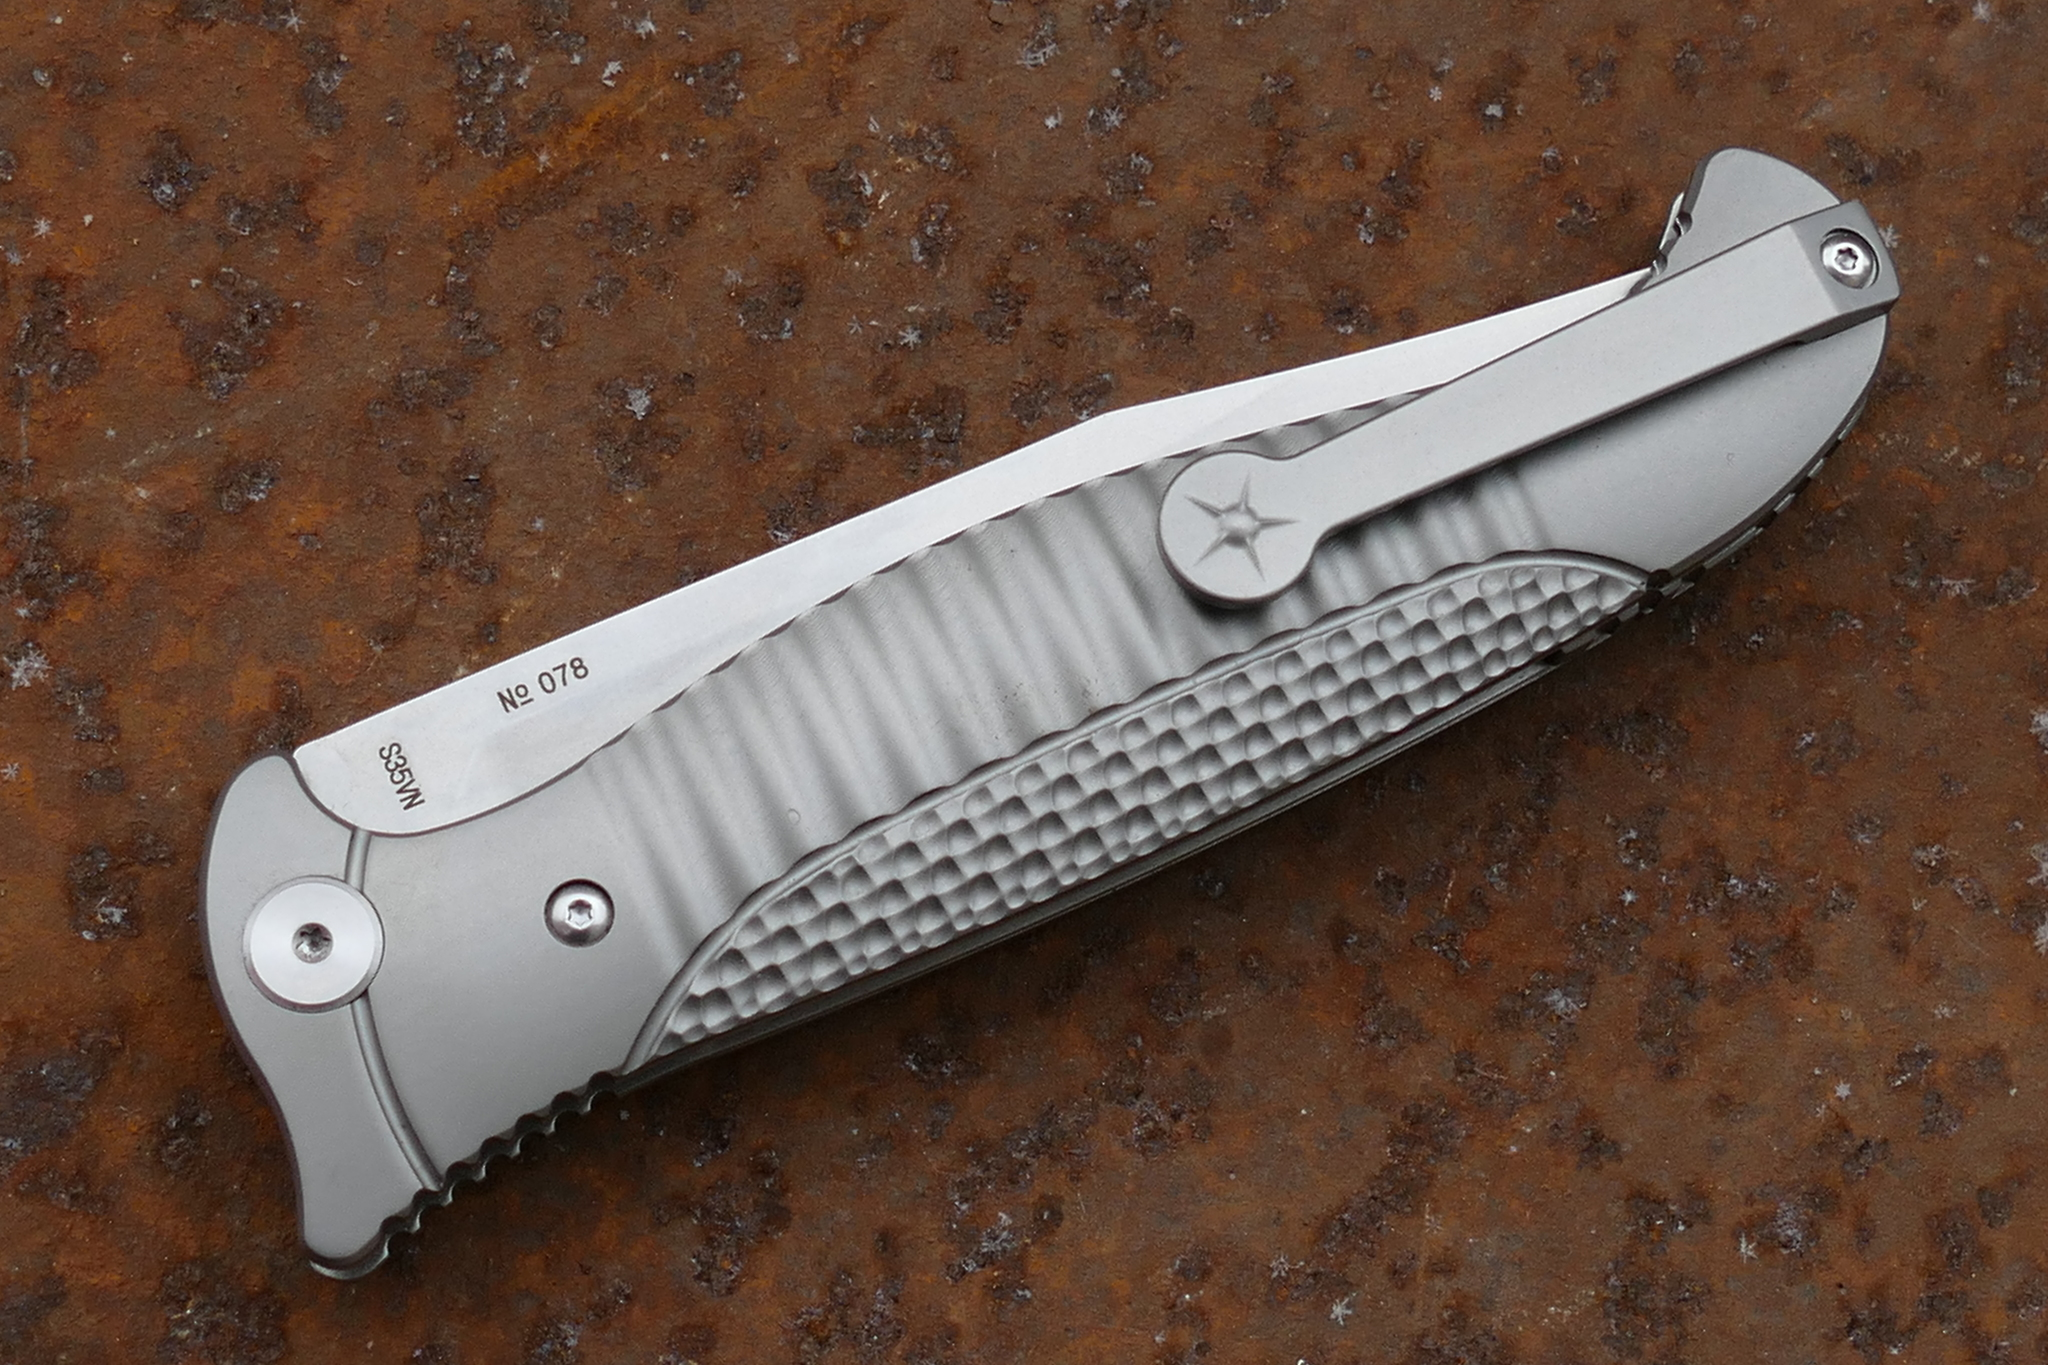 Фото 12 - Складной нож Финка-3, S35VN от Reptilian